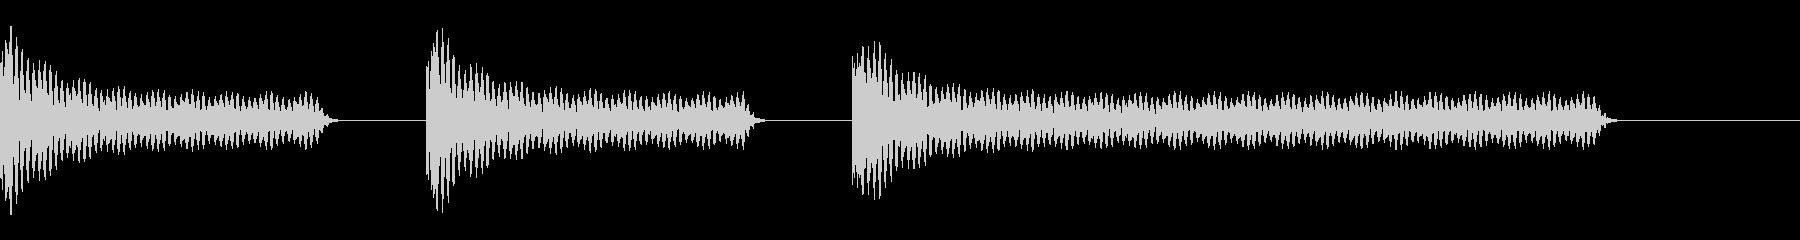 工事中のうるさいドリル音(短)の未再生の波形